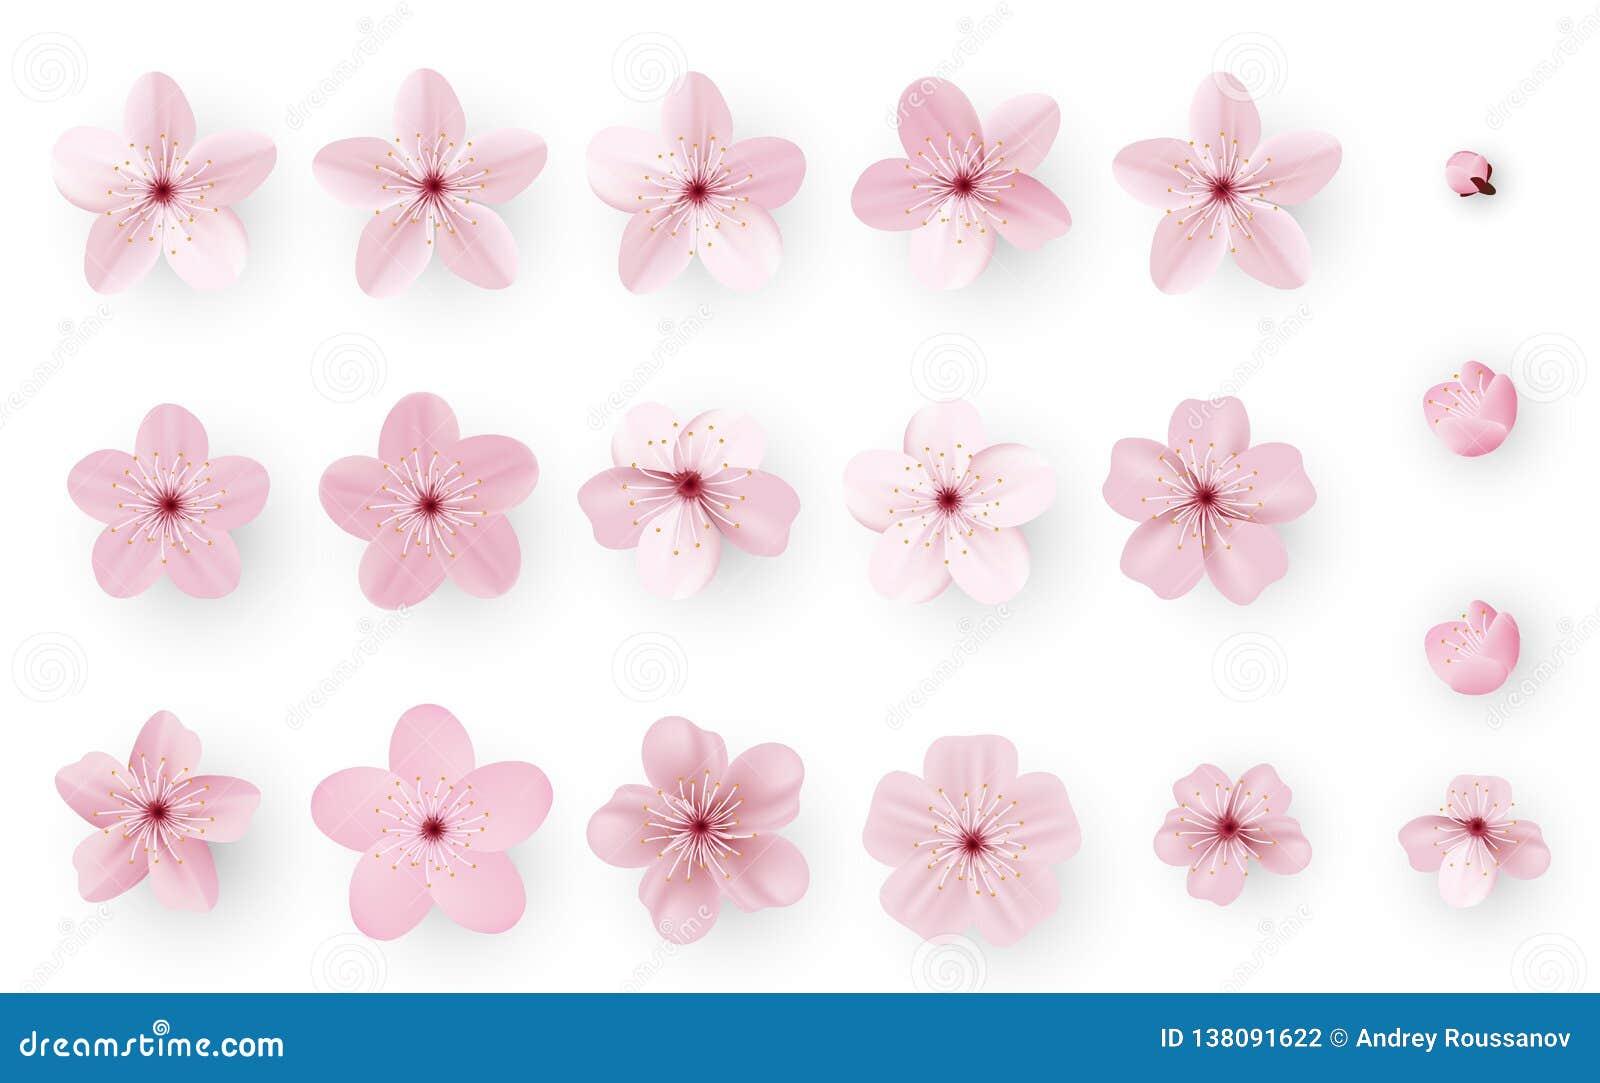 Realistyczny Sakura lub czereśniowy okwitnięcie; Japoński wiosna kwiat Sakura; Różowy Czereśniowy kwiat